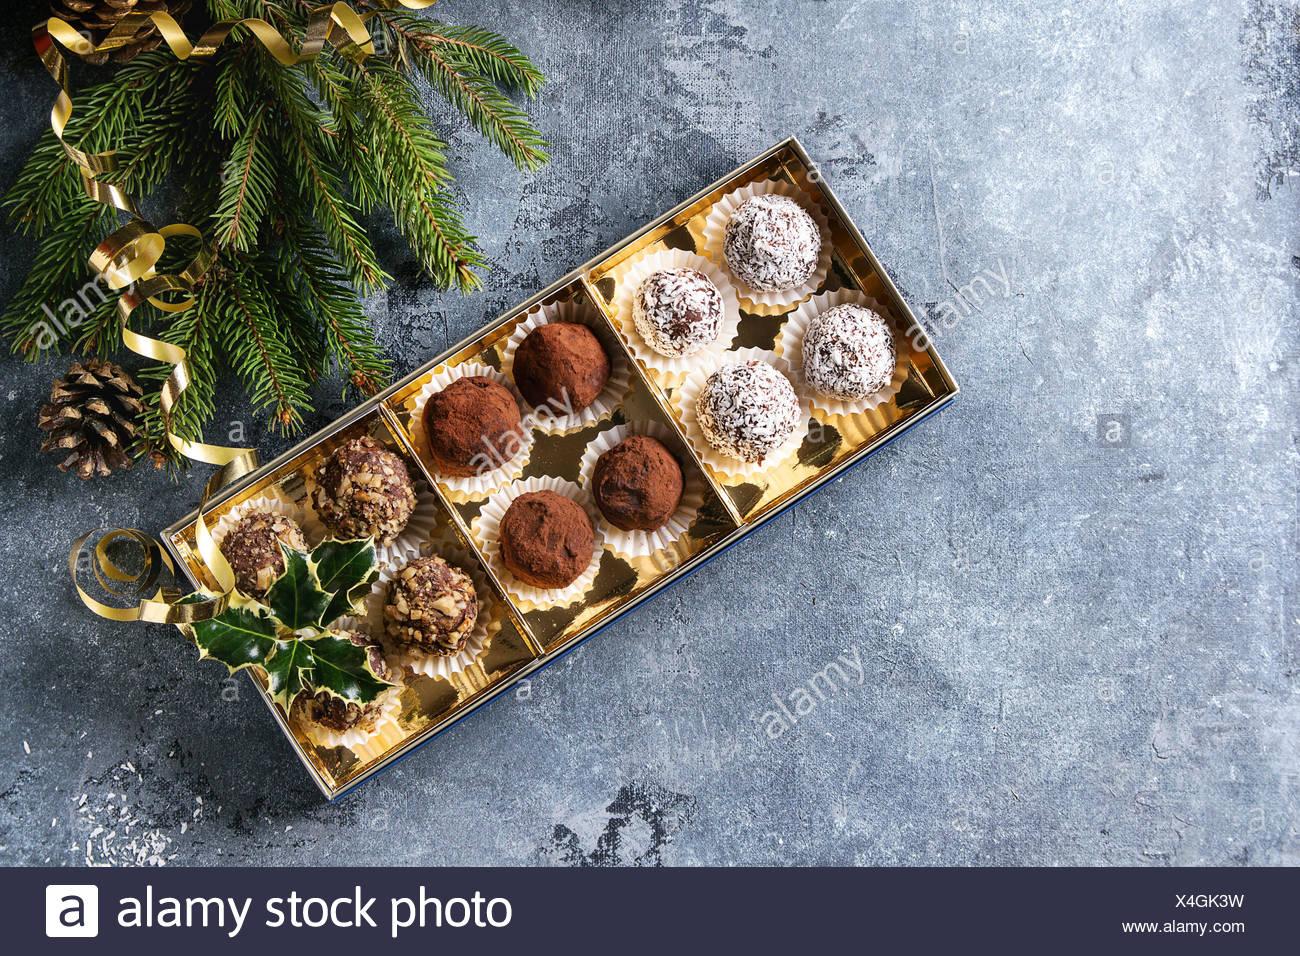 Casetta Di Natale Di Cioccolato : Casetta di natale con pavesini e pandoro farcito all interno